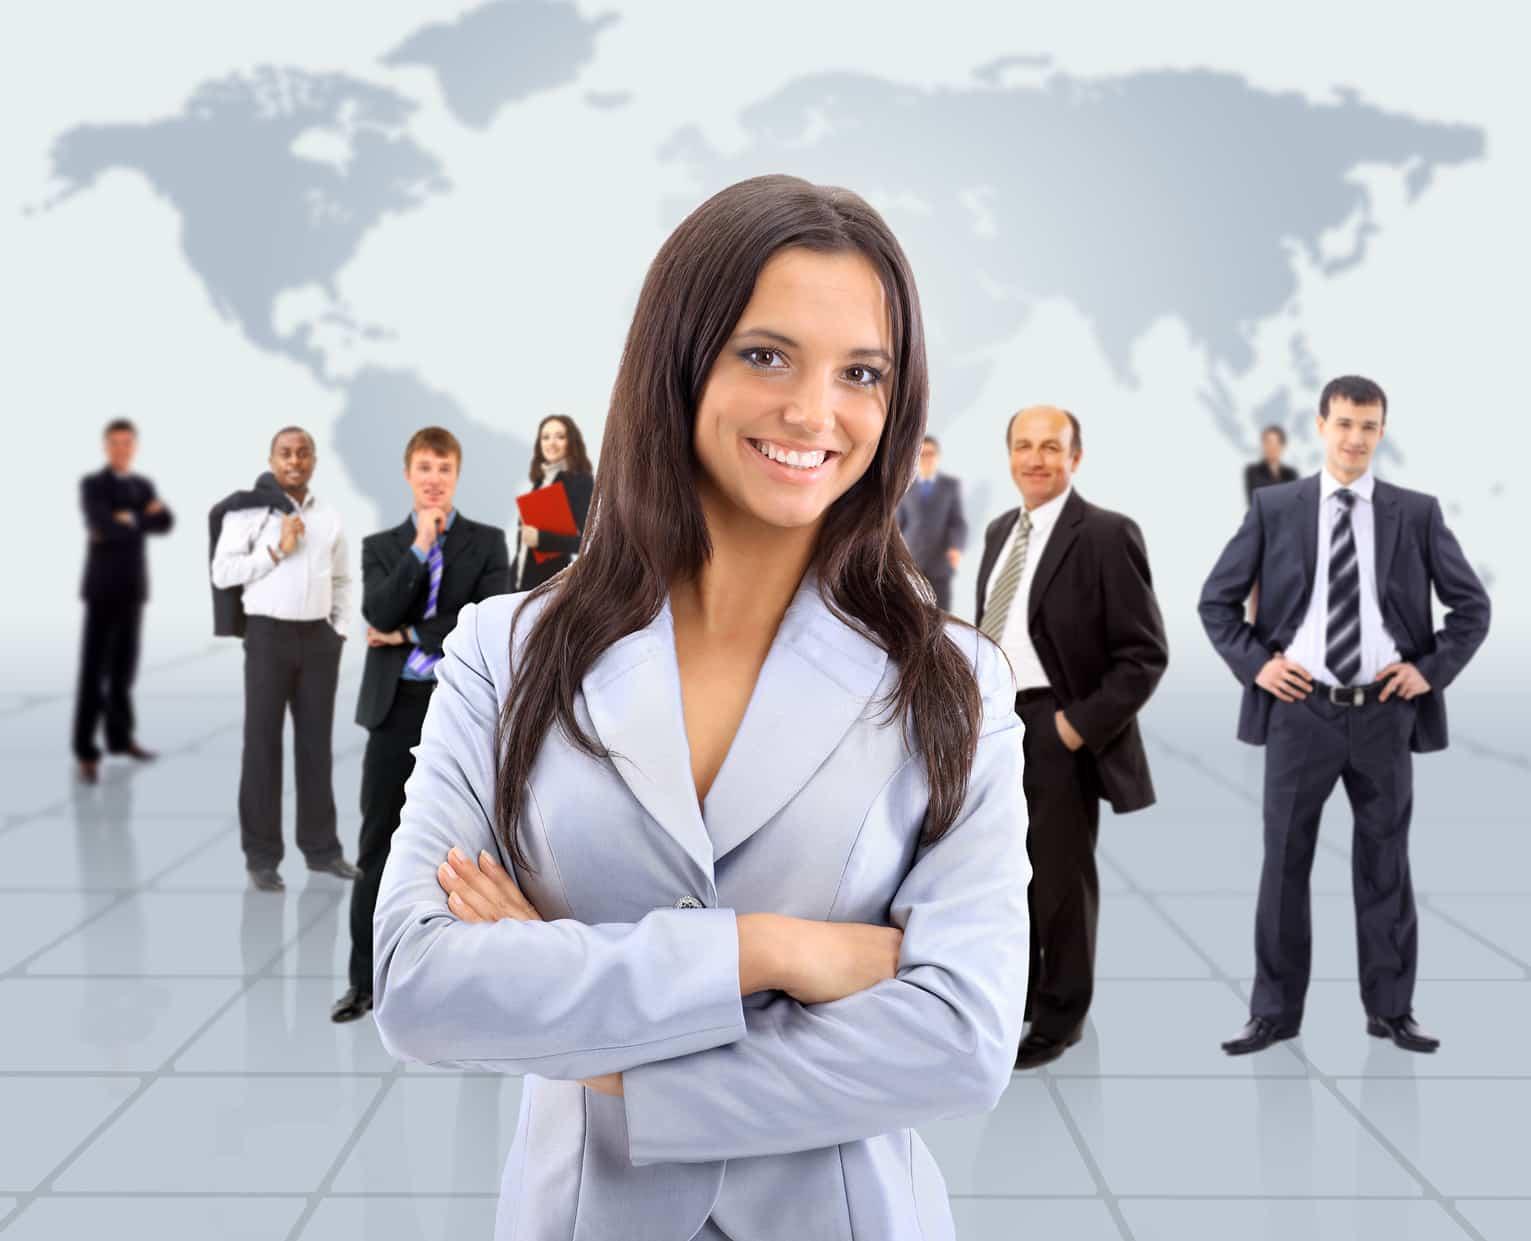 Trenerzy szkoleń międzykulturowych